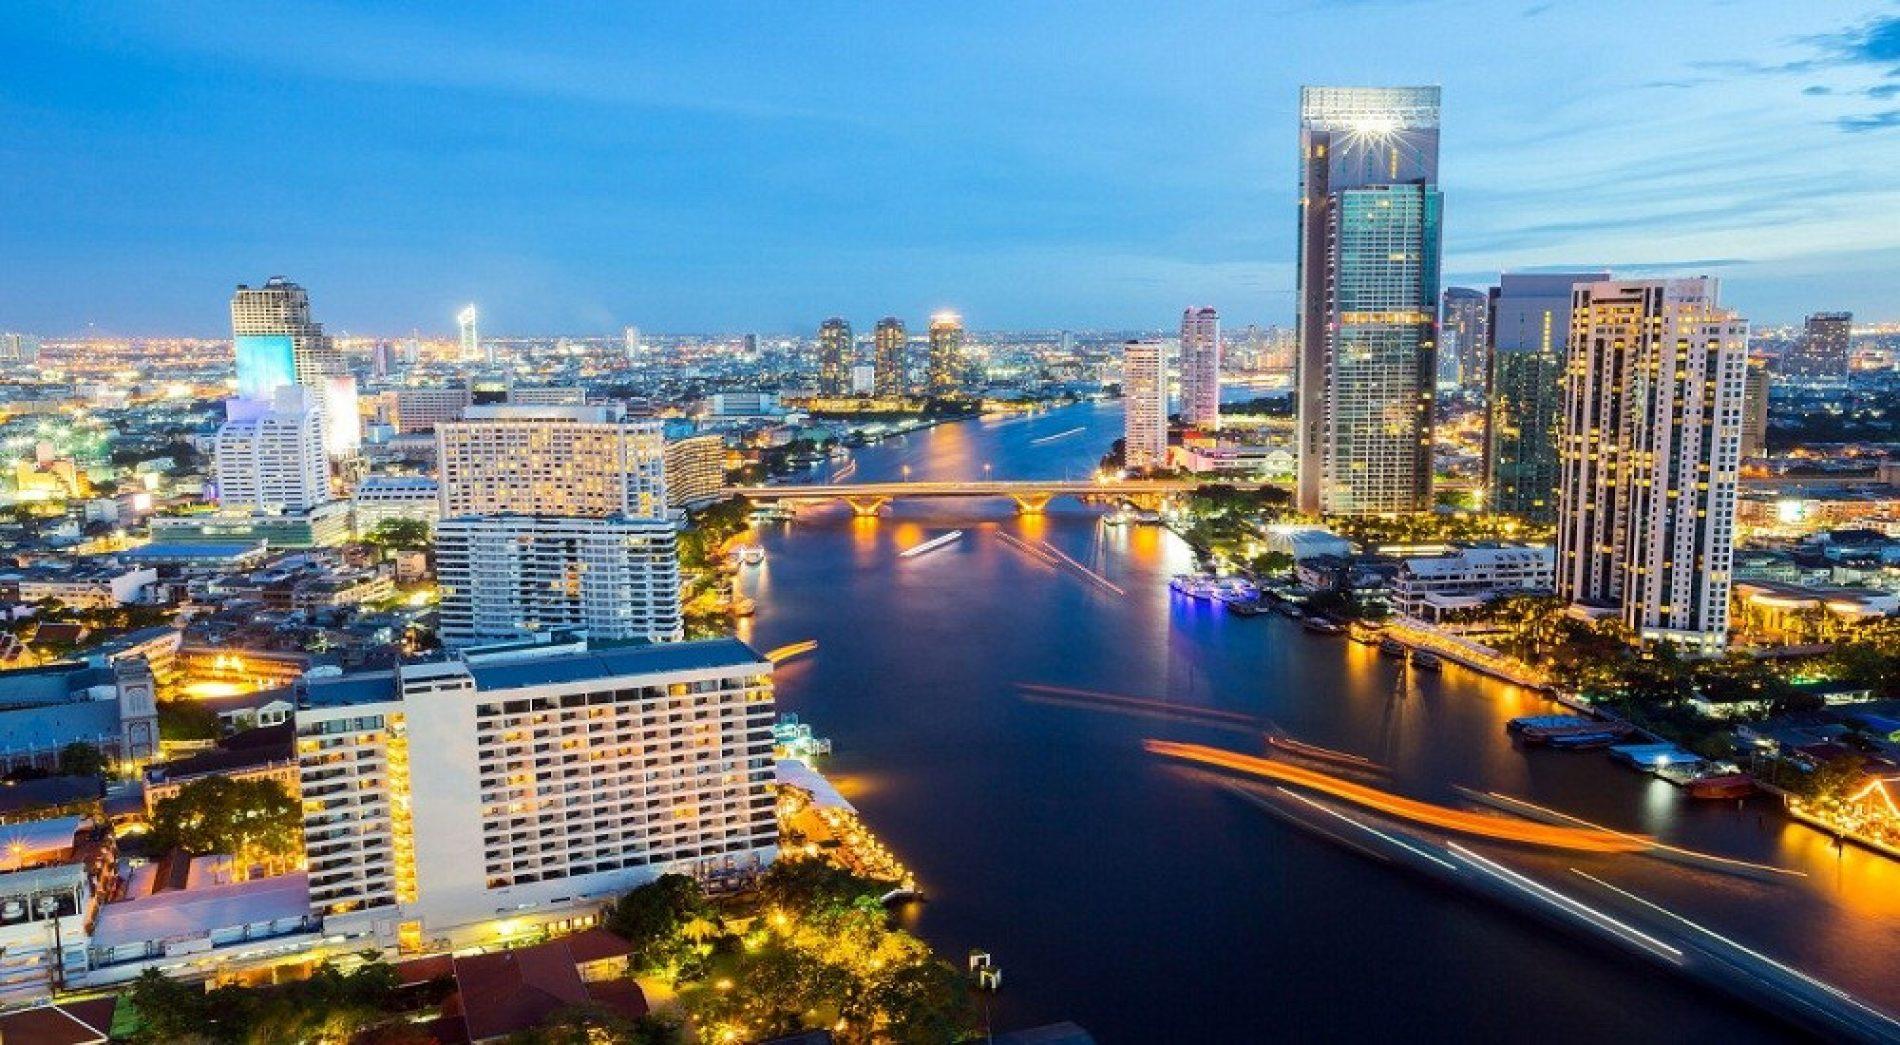 Choisir un hôtel à Bangkok en fonction de vos centres d'intérêts